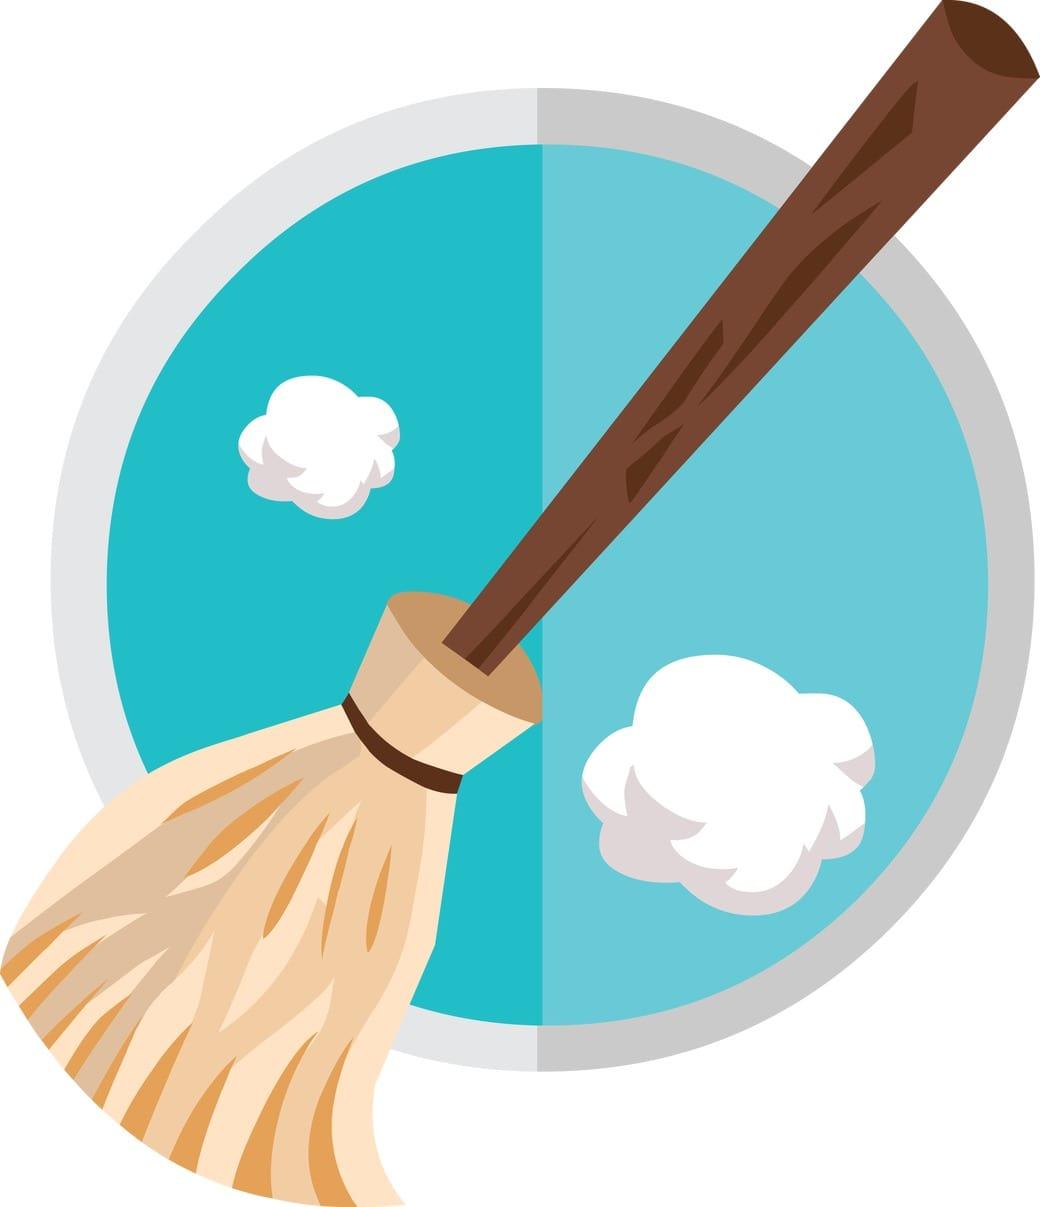 כלים חד פעמיים לחברות – איך להשתמש בחד פעמי ועדיין לשמור על הסביבה